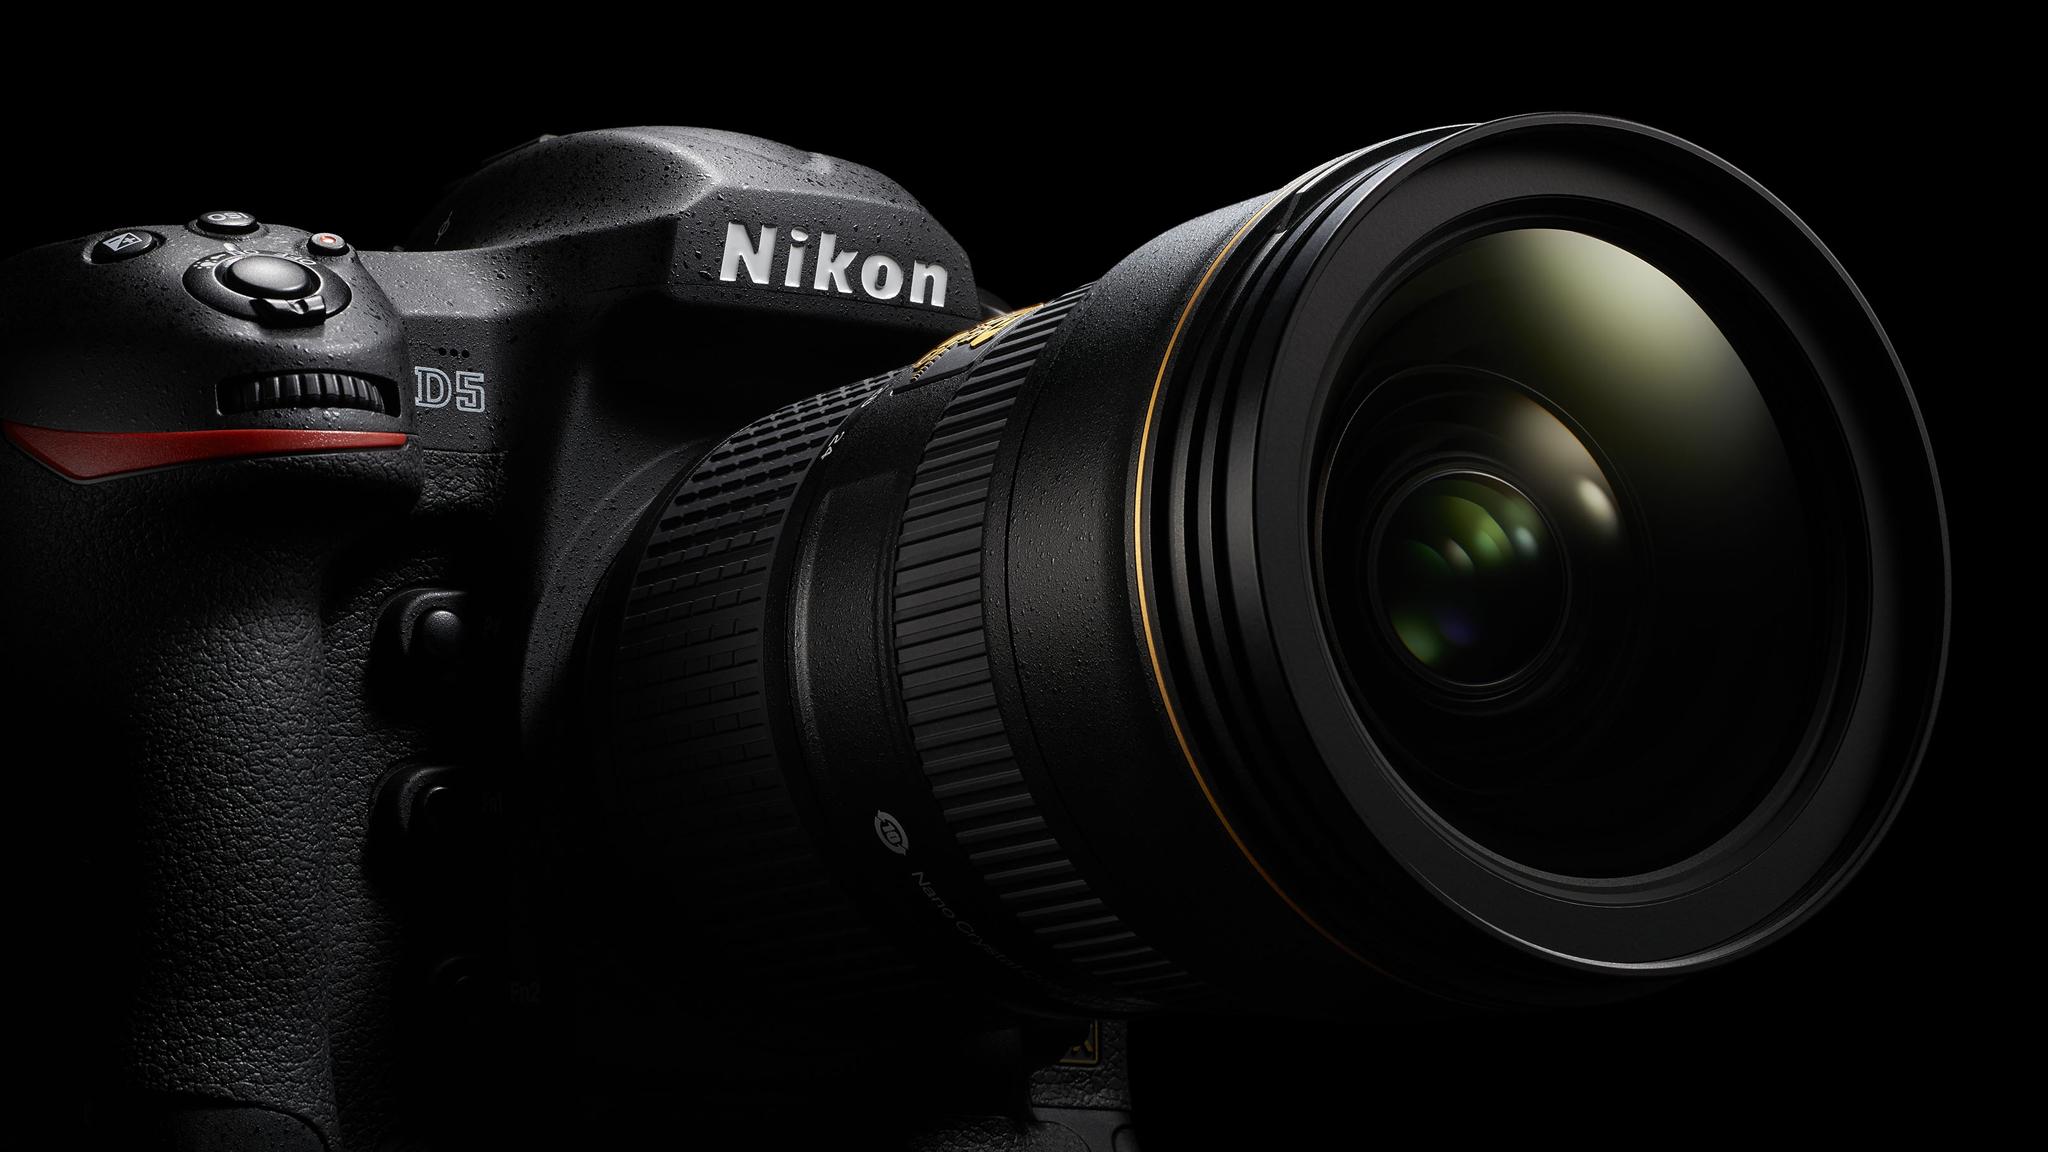 Nová aktualizácia firmwaru zvyšujúceho výkonnosť fotoaparátu Nikon D5